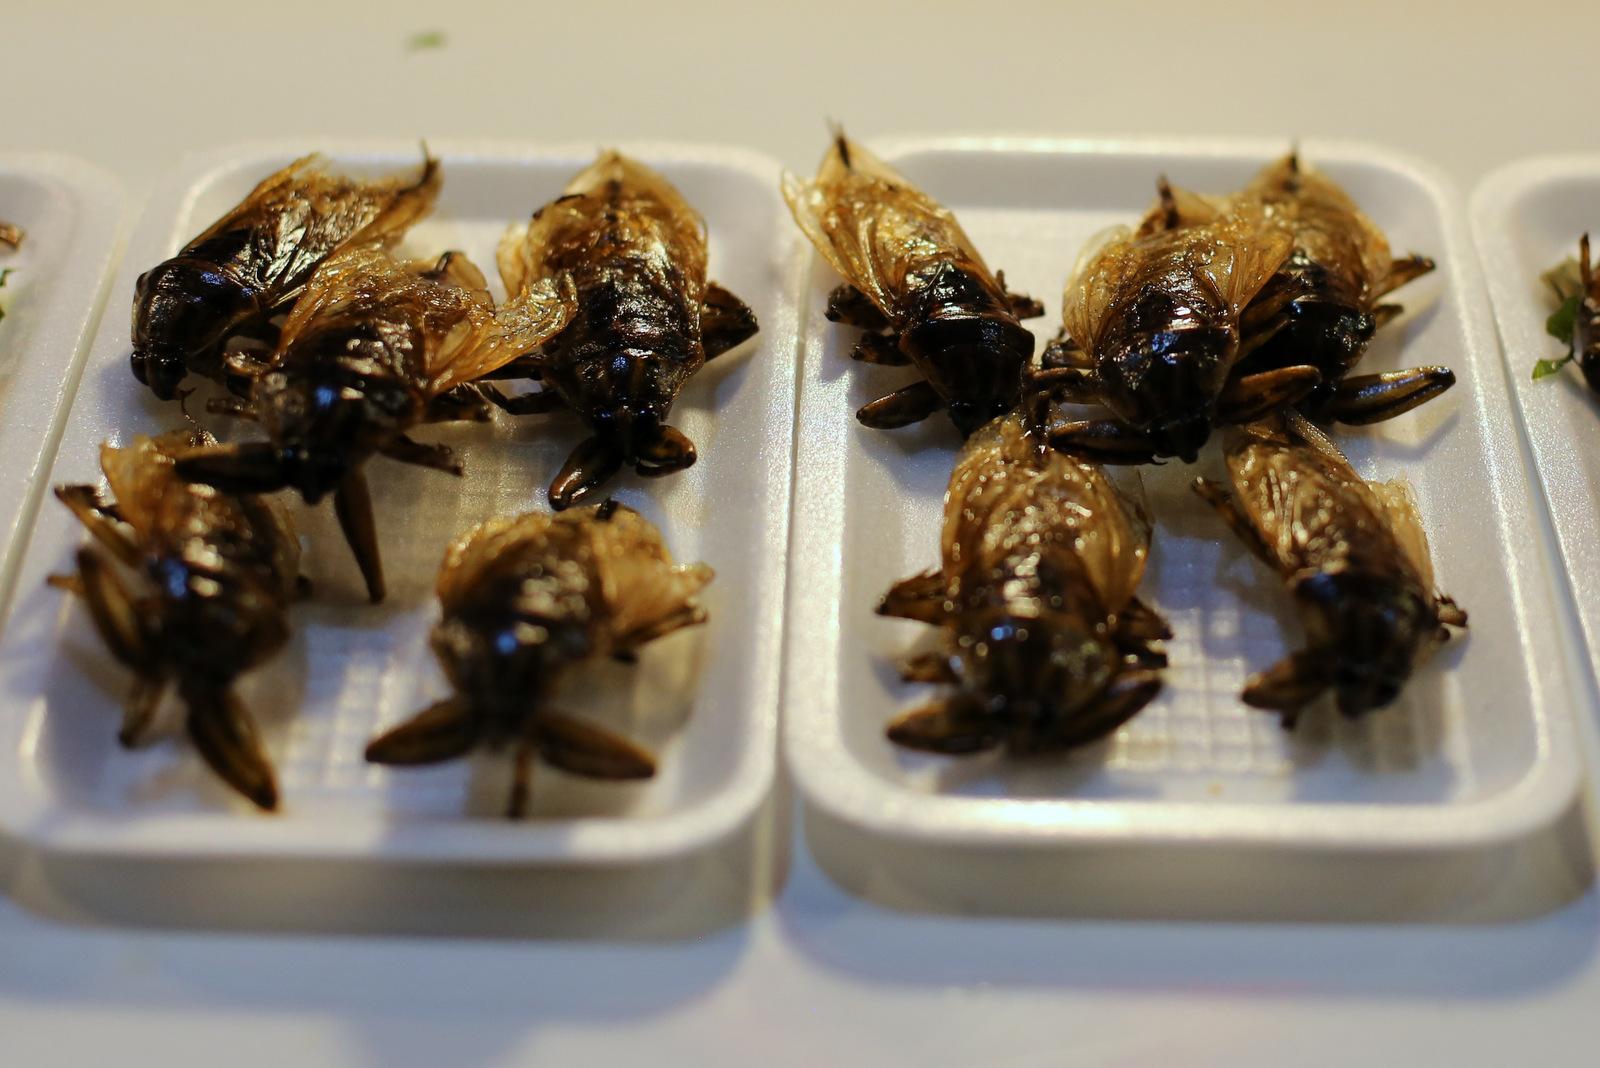 Tasty morsels at Chiang Rai night market